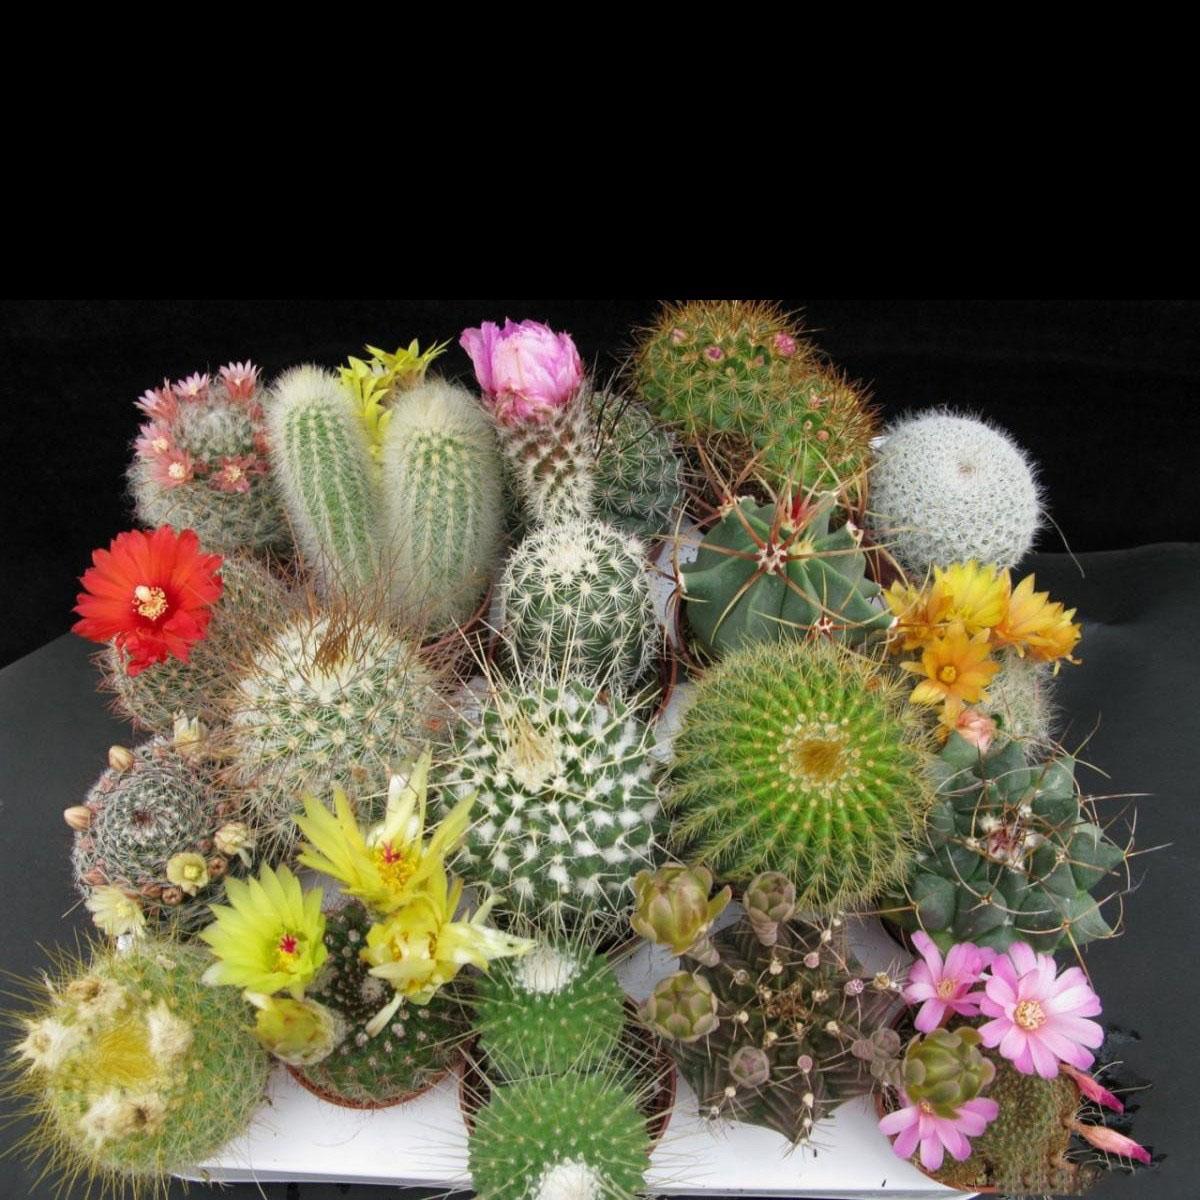 Địa điểm bán hạt giống cây hoa xương rồng